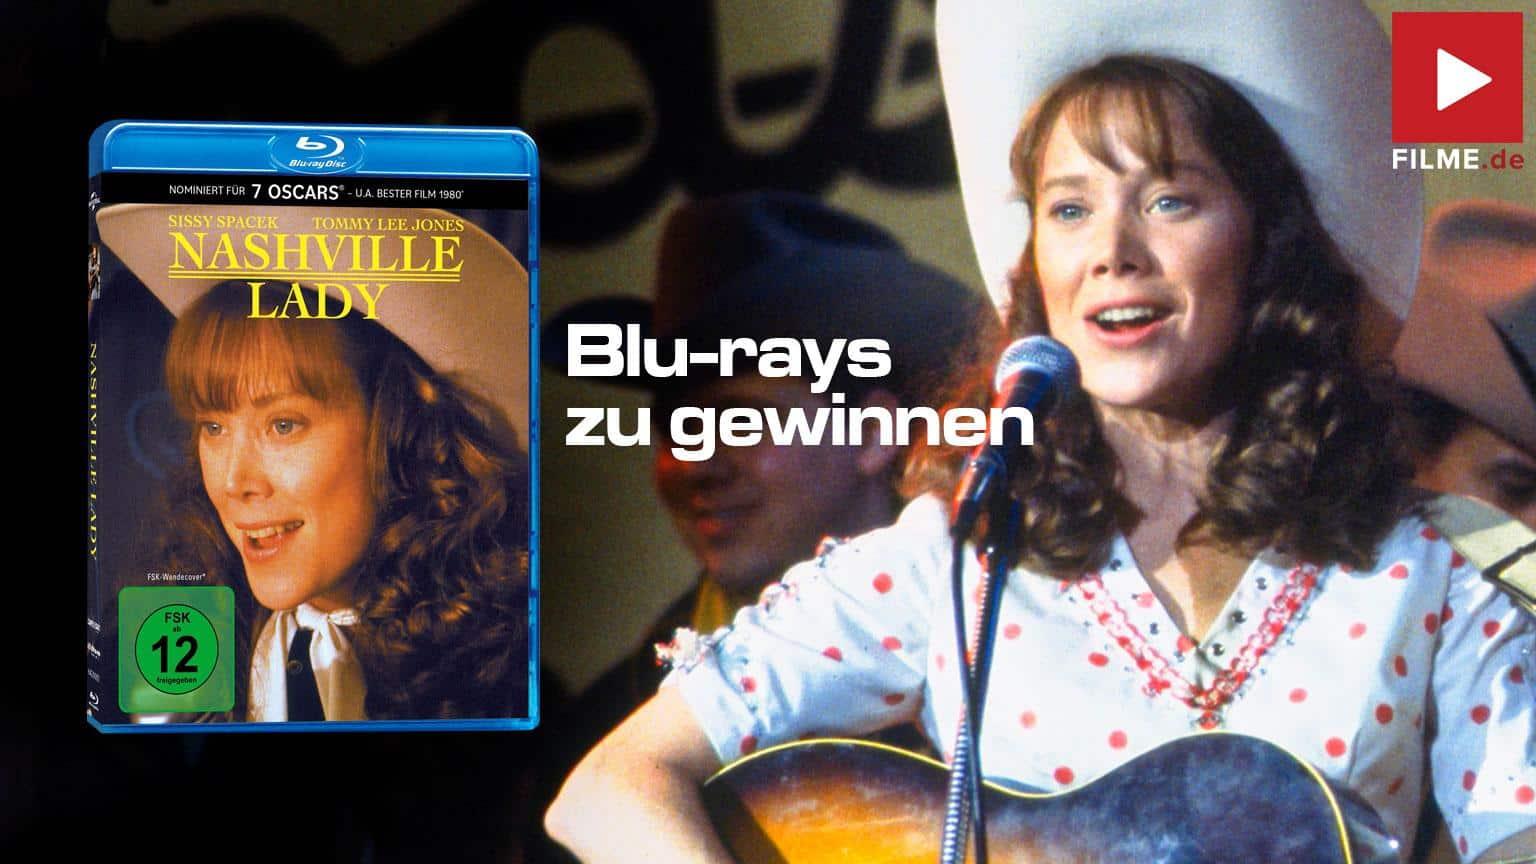 Nashville Lady Gewinnspiel Blu-ray COver shop kaufen gewinnen Artikelbild